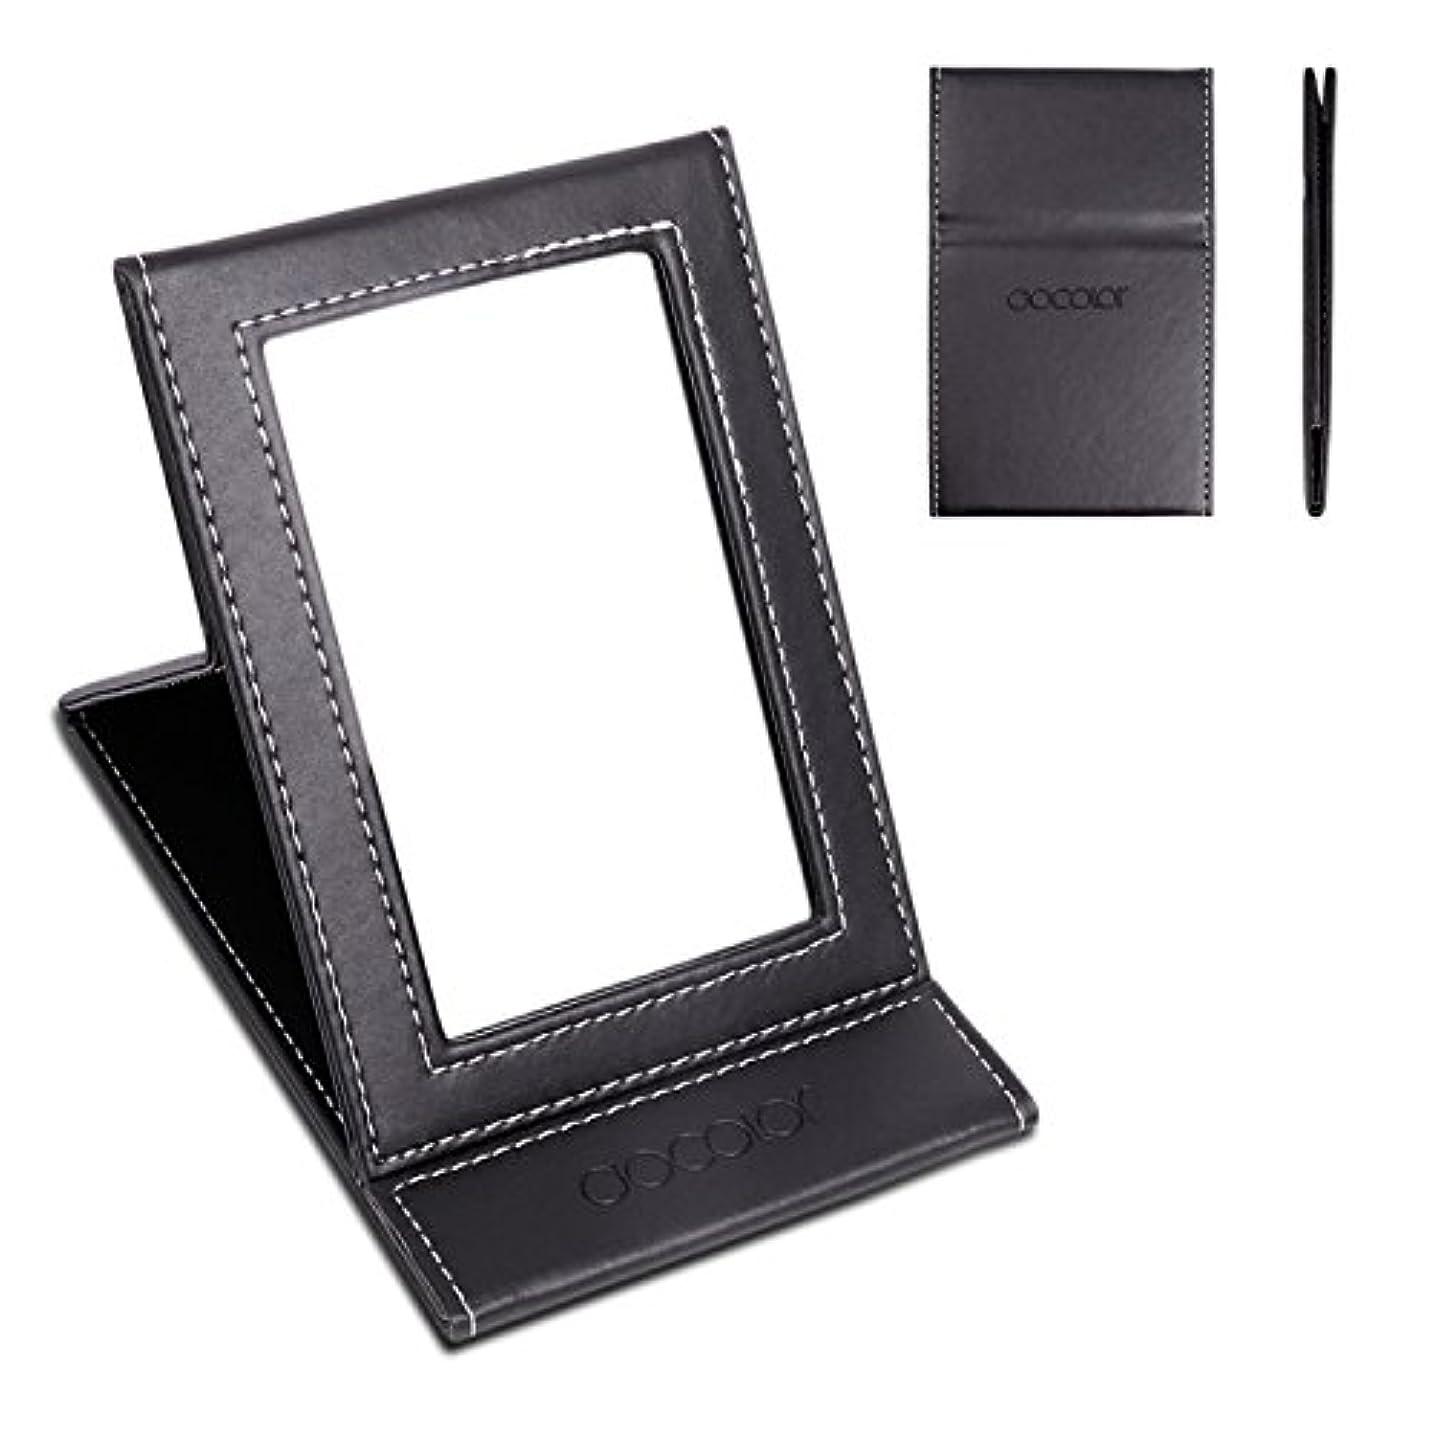 始める公園あえぎ化粧鏡 卓上ミラー 折りたたみ式-DOCOLOR スタンドミラー 携帯用ミラー